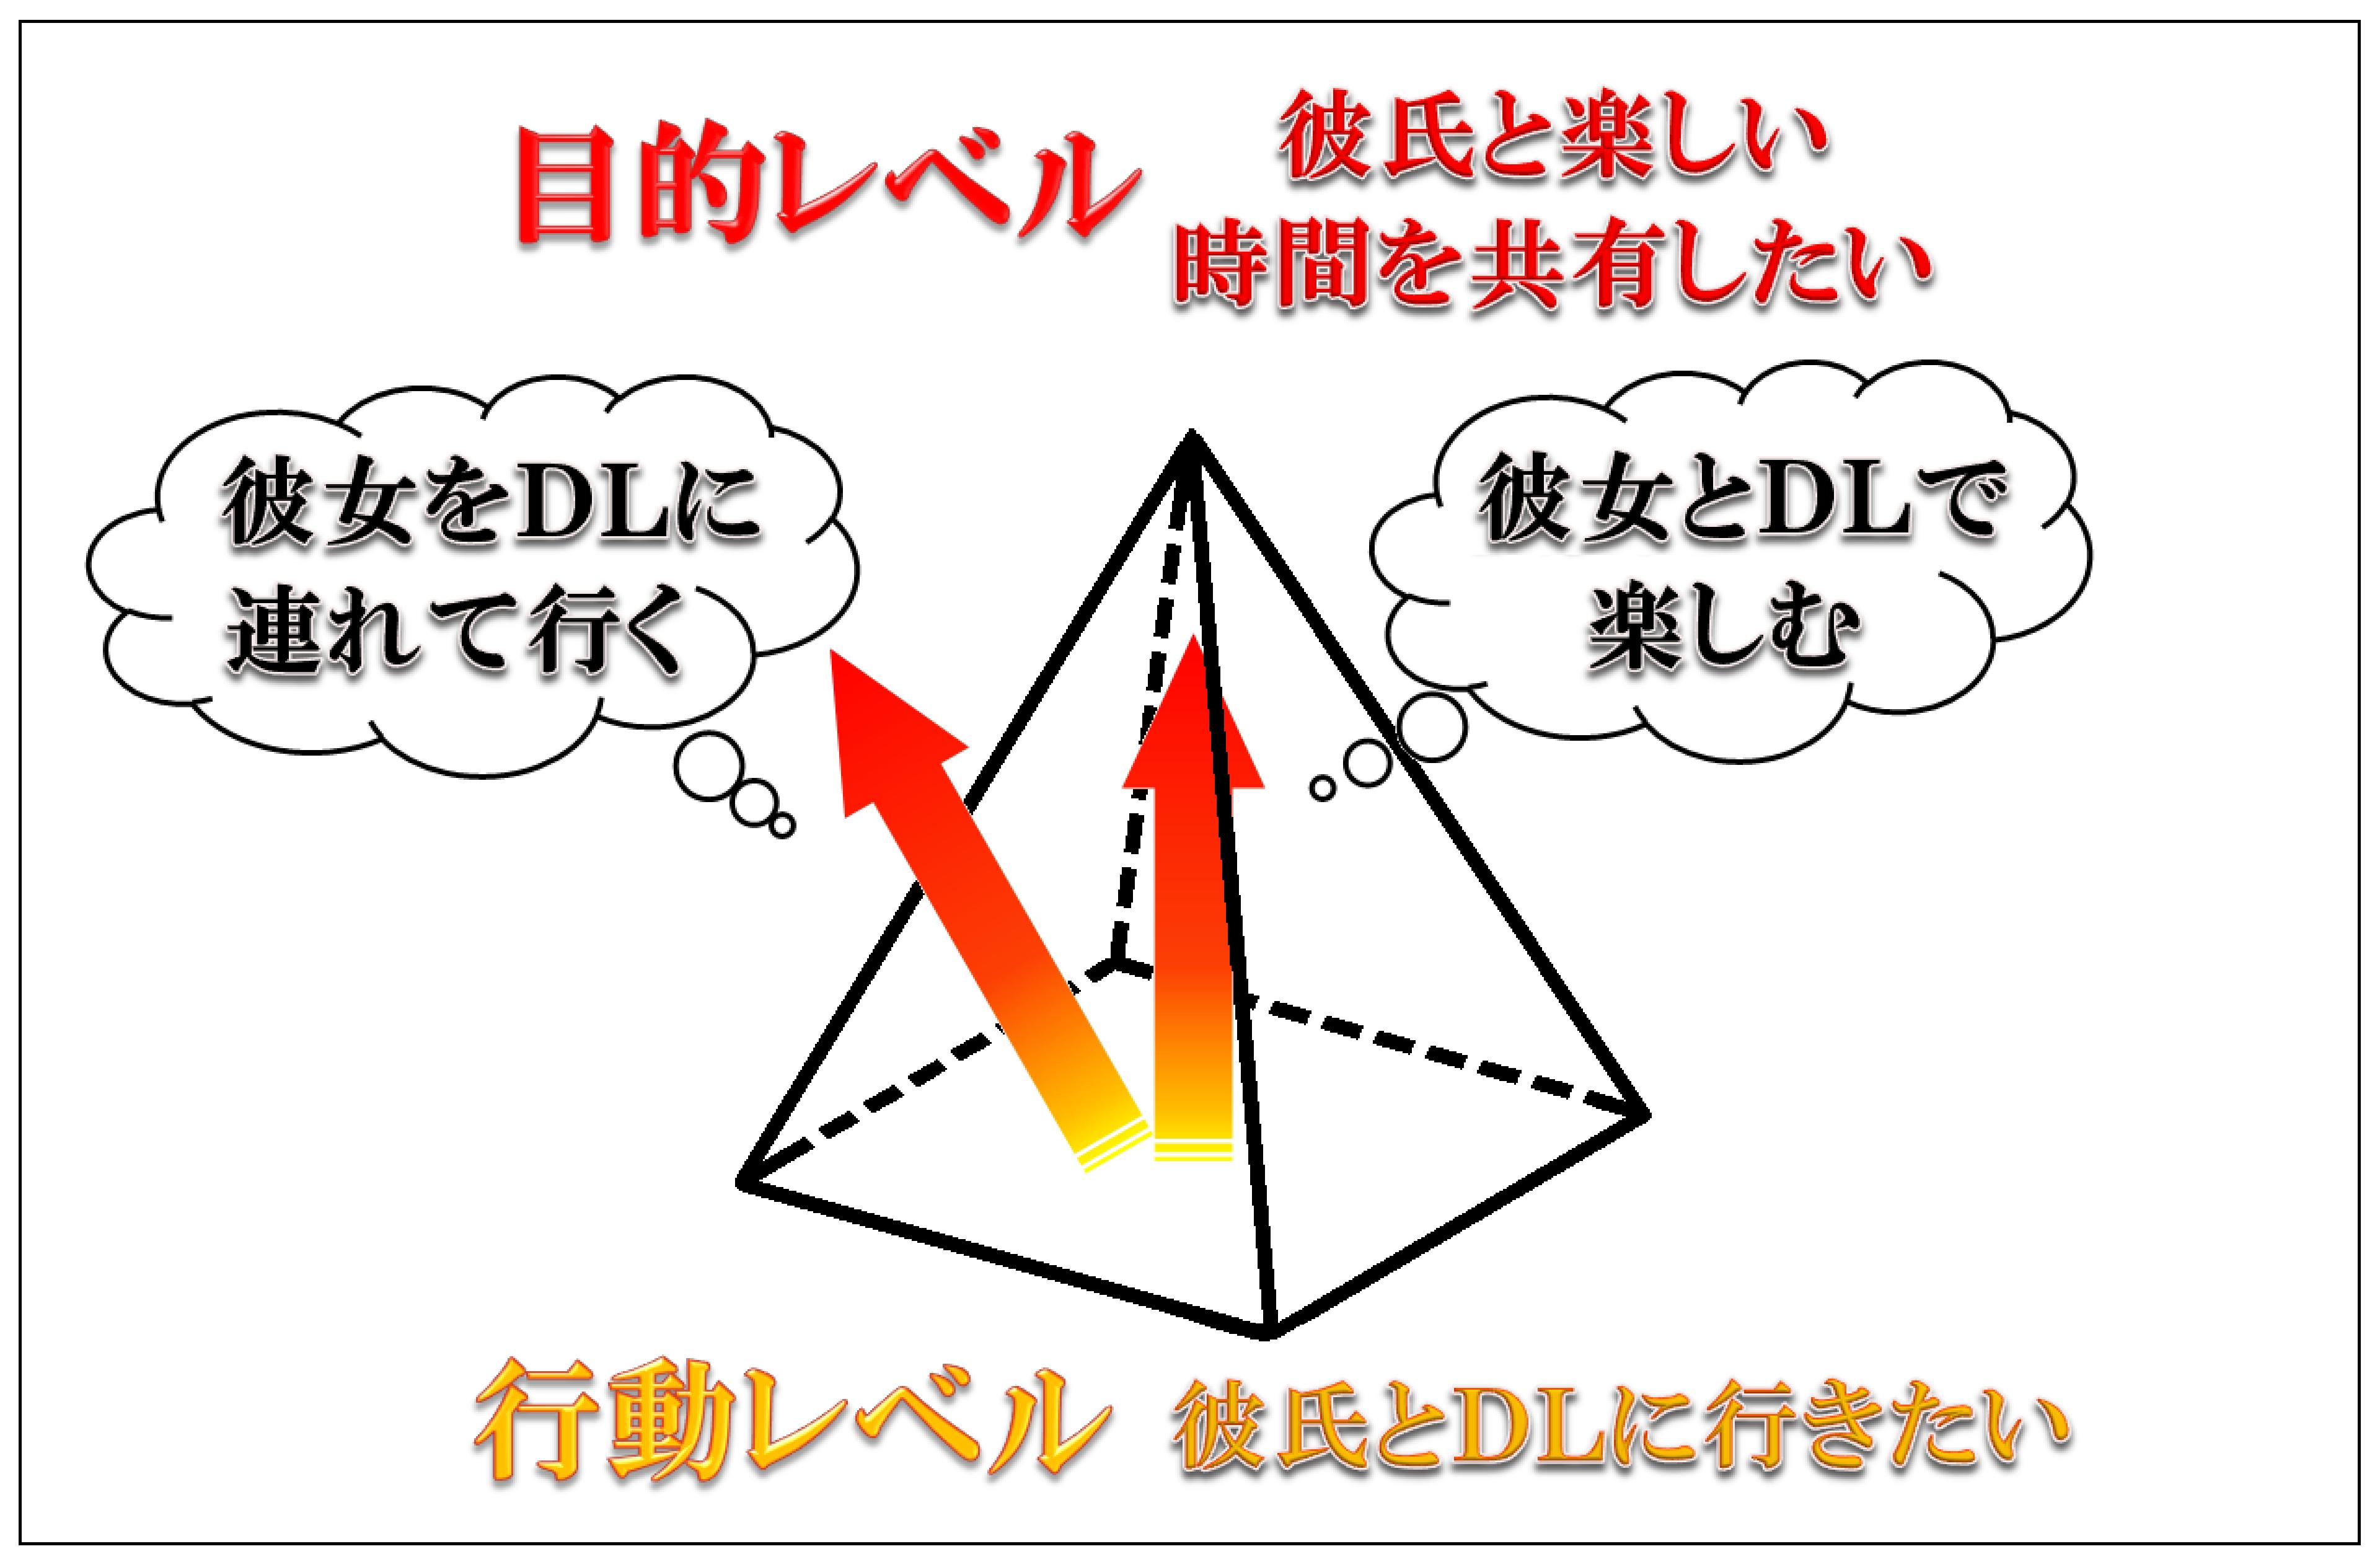 行動レベルと目的レベル(ピラミッド)